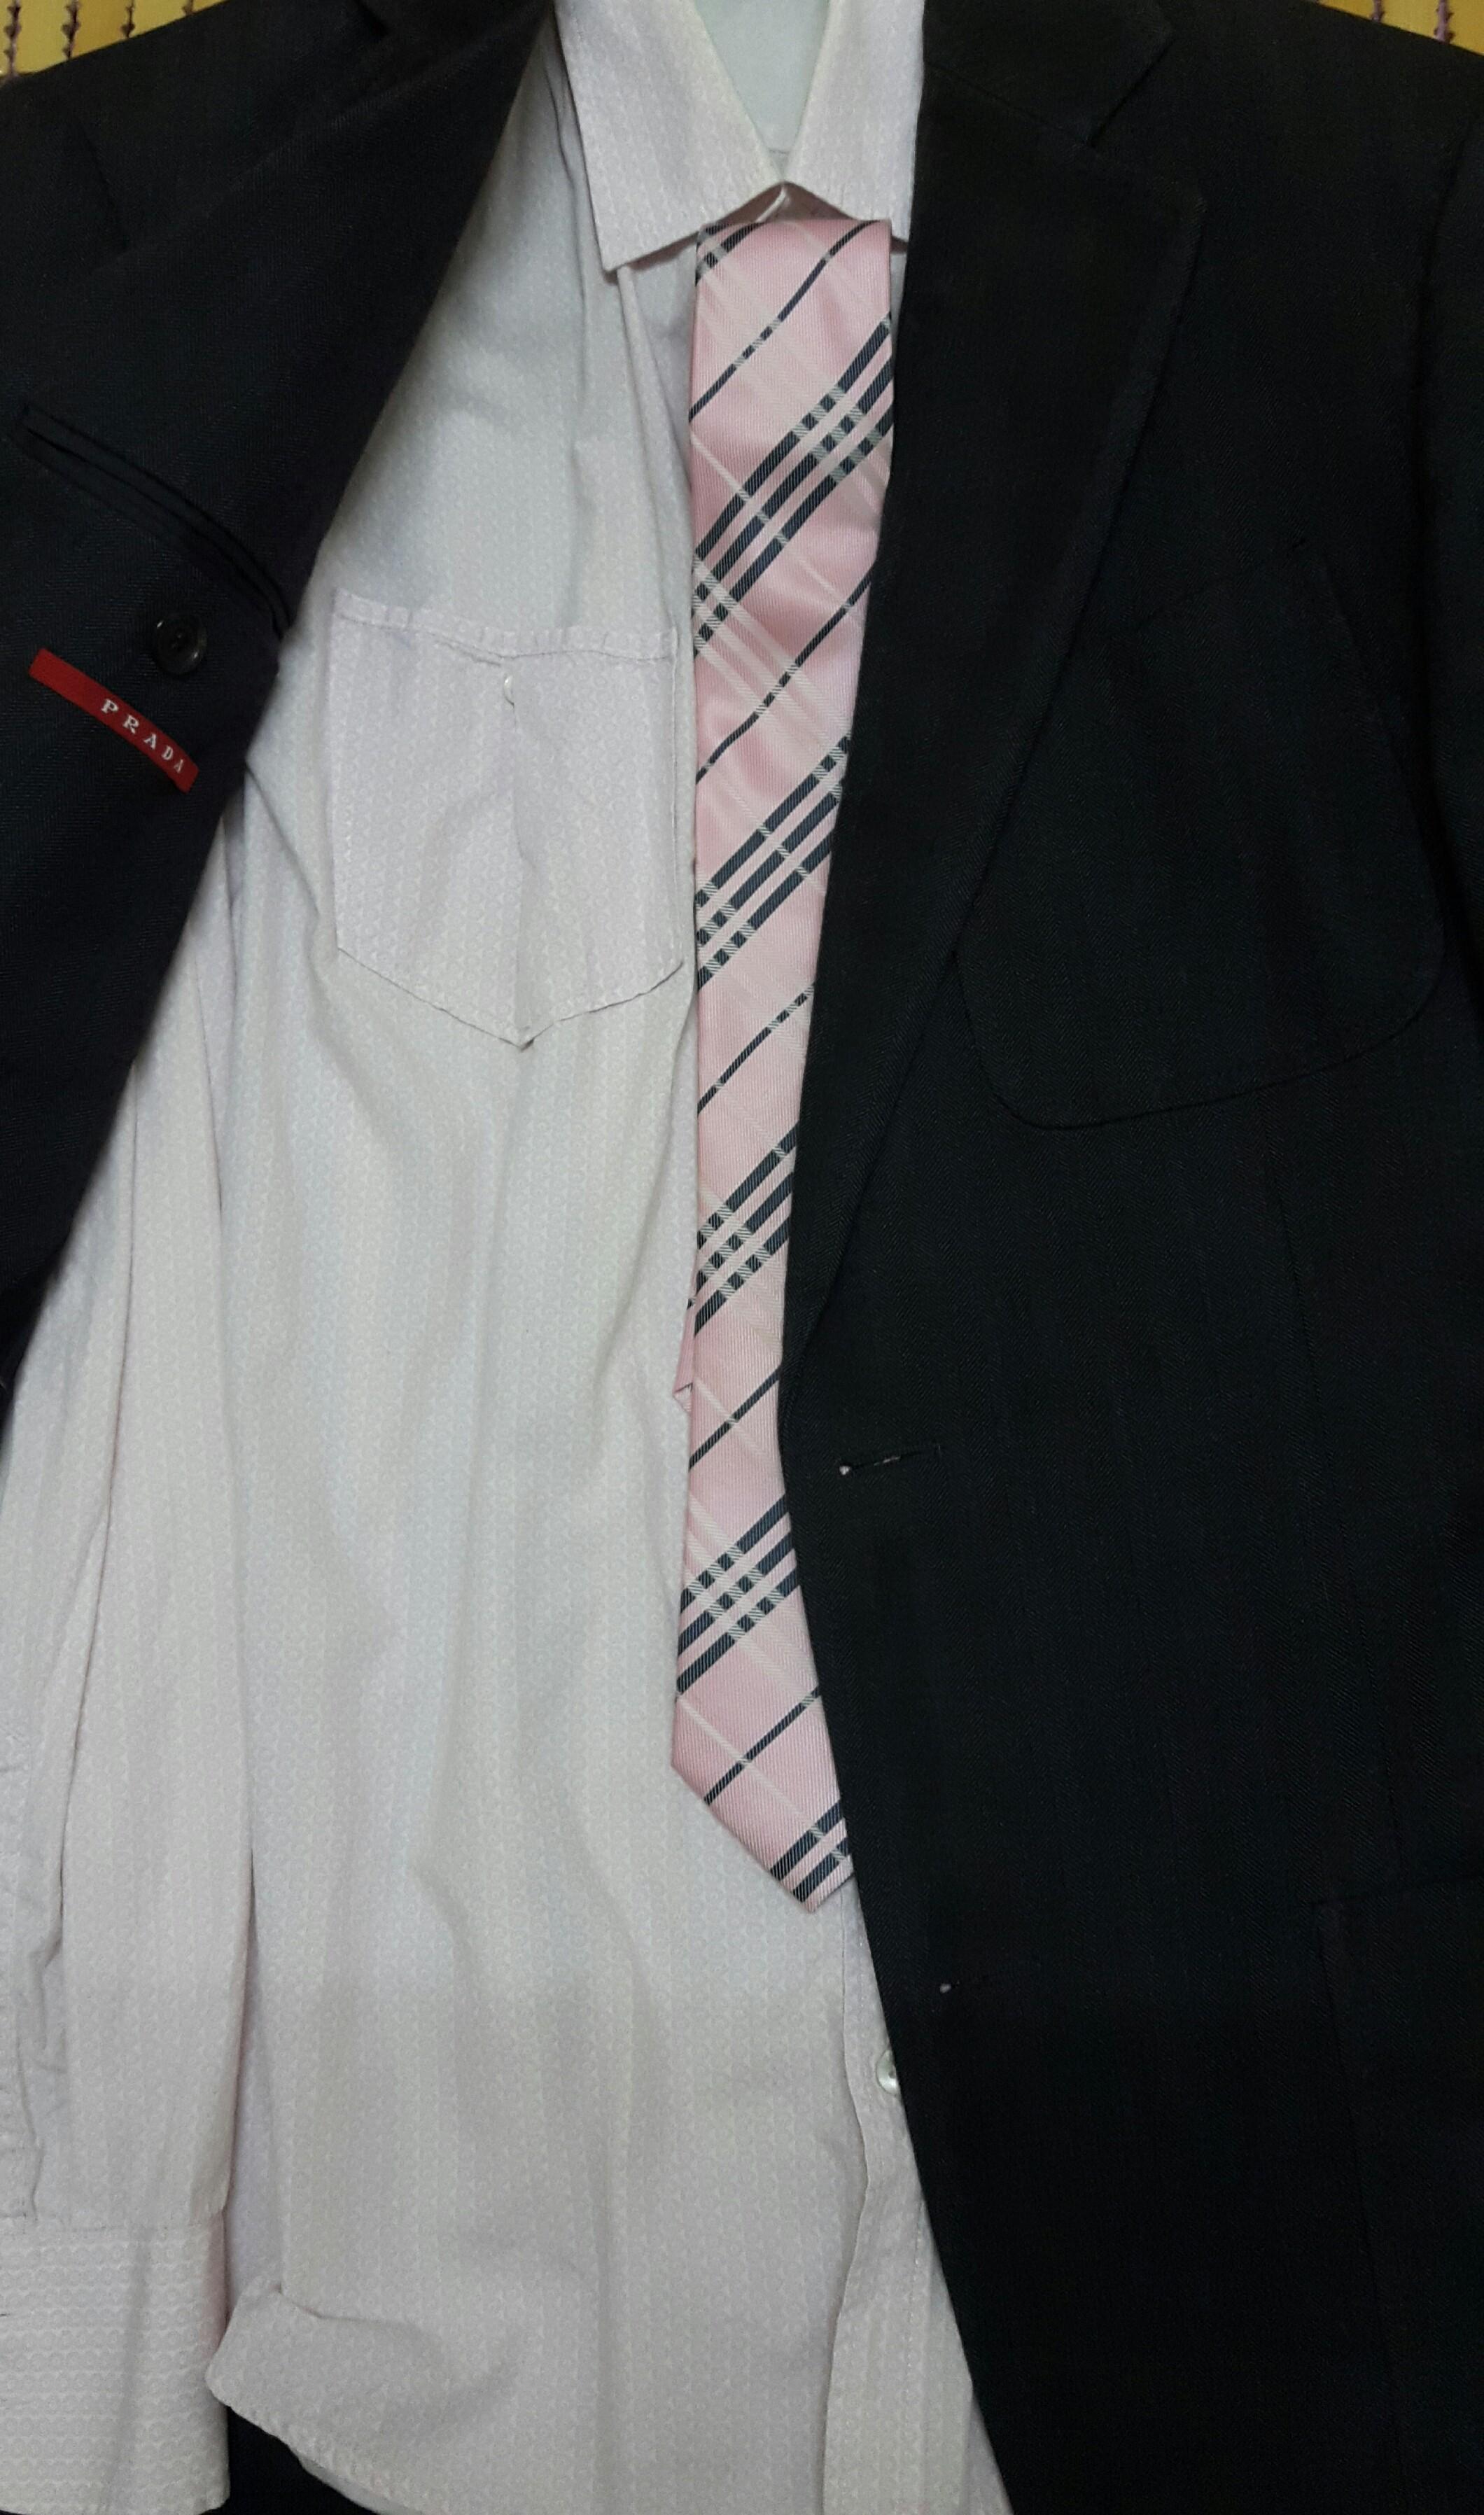 ▲▼搞錯穿衣潛規則被白眼 他出差曼谷險因「穿黑衣」搞砸工作(圖/小檸檬供稿專用)